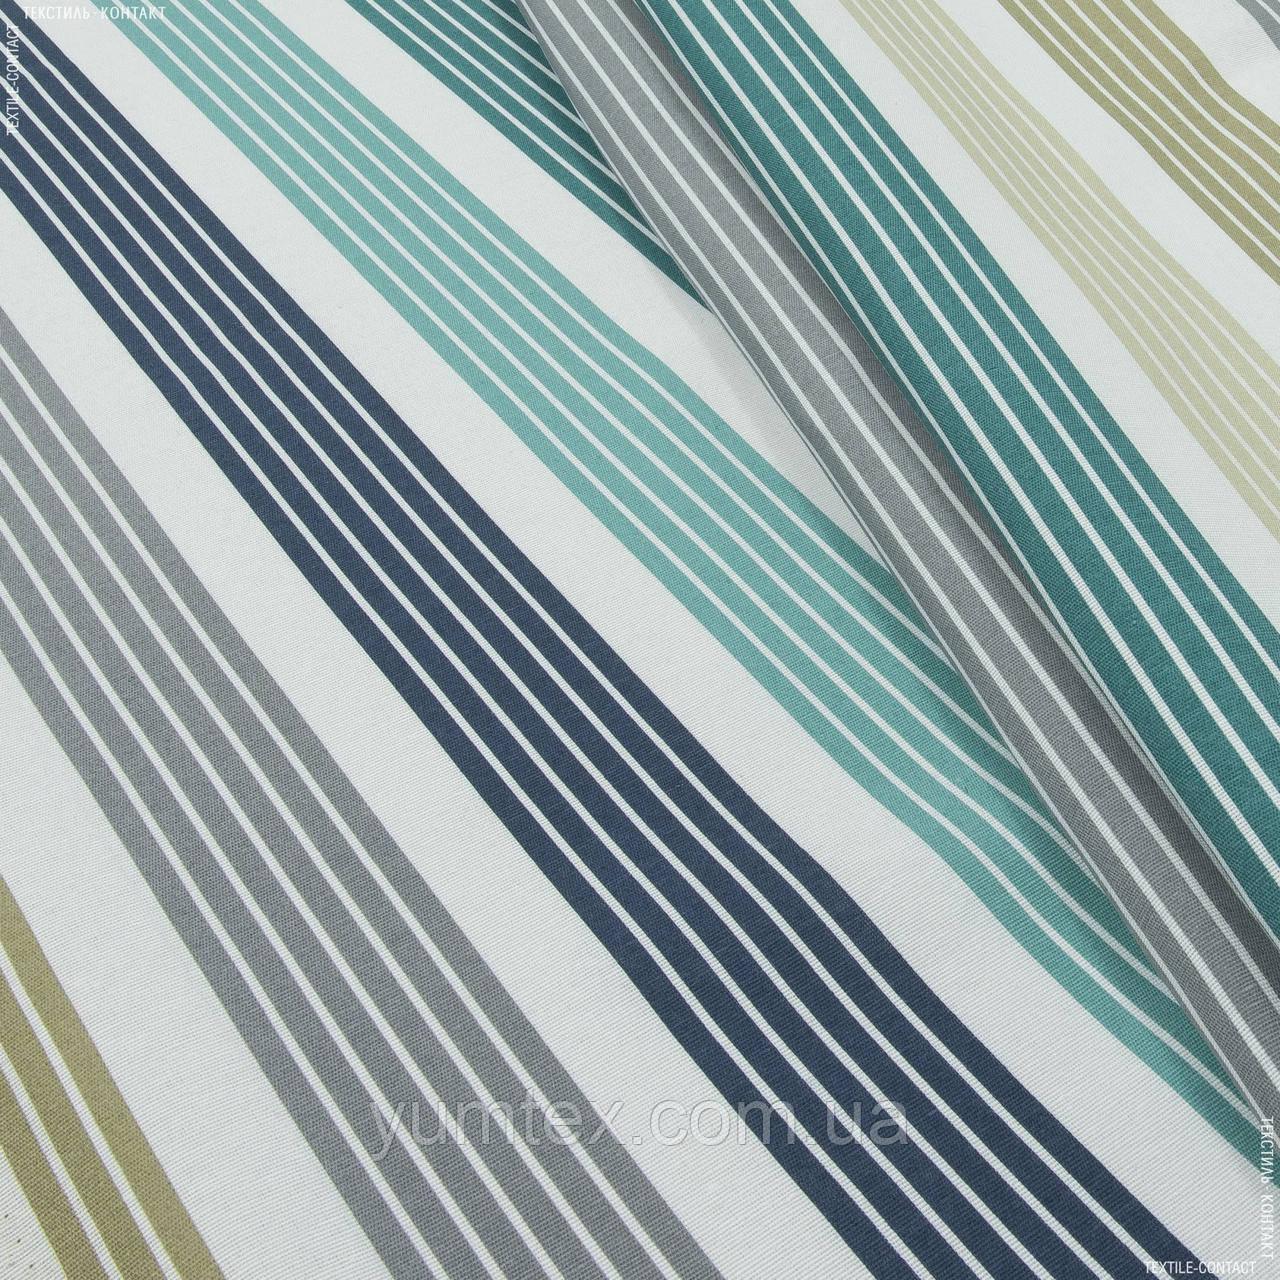 Декоративная ткань  лорена/lorena 134298